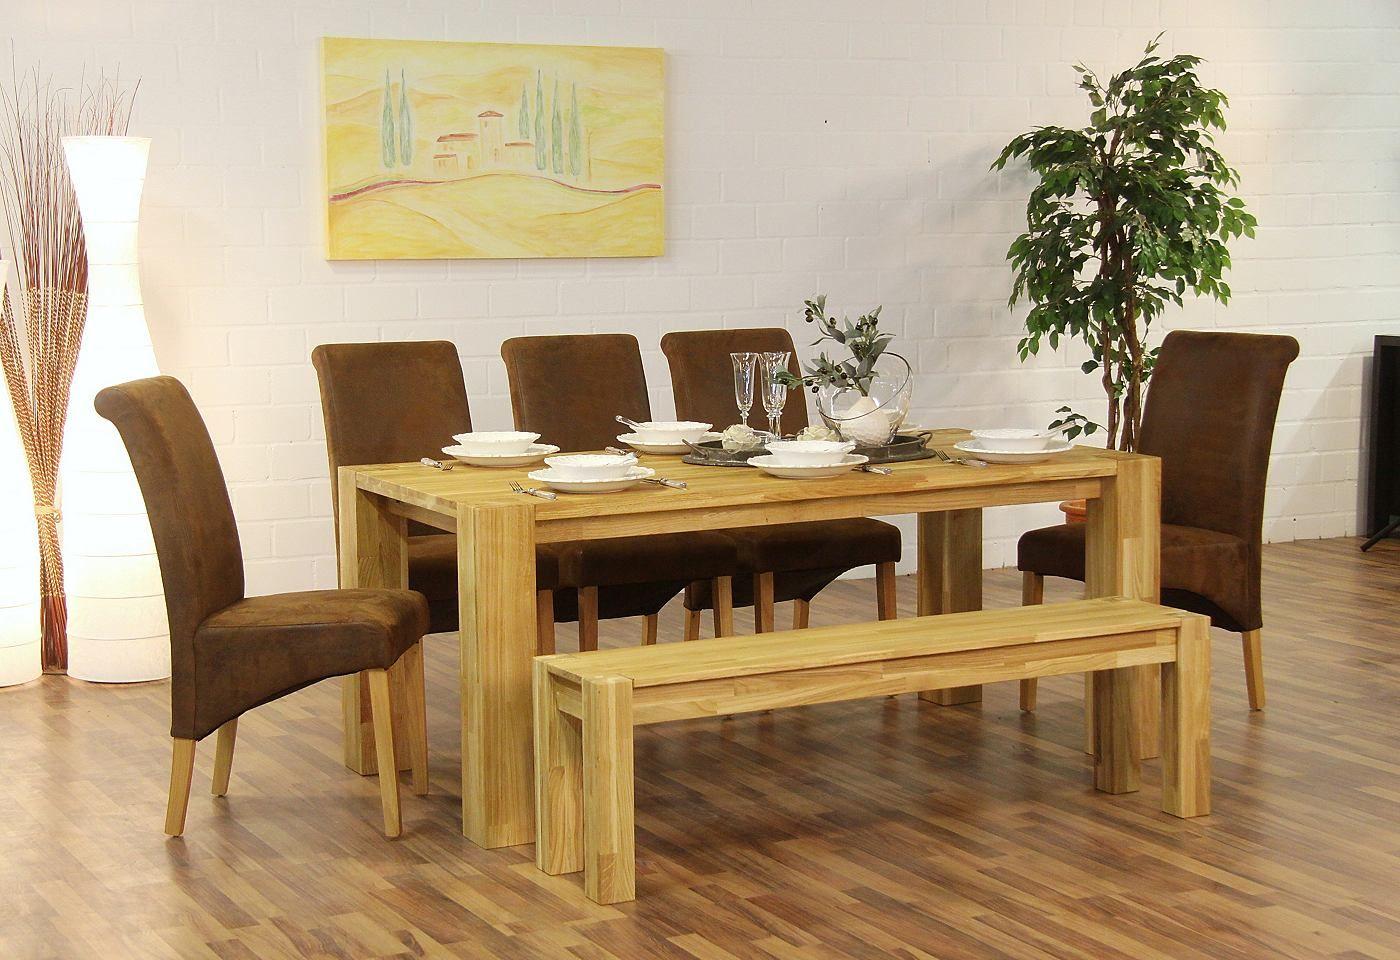 Mit Diesem Esstisch Wird Speisen Zum Erlebnis: Massiver Tisch Aus Wildeiche  Mit Geölter Oberfläche.